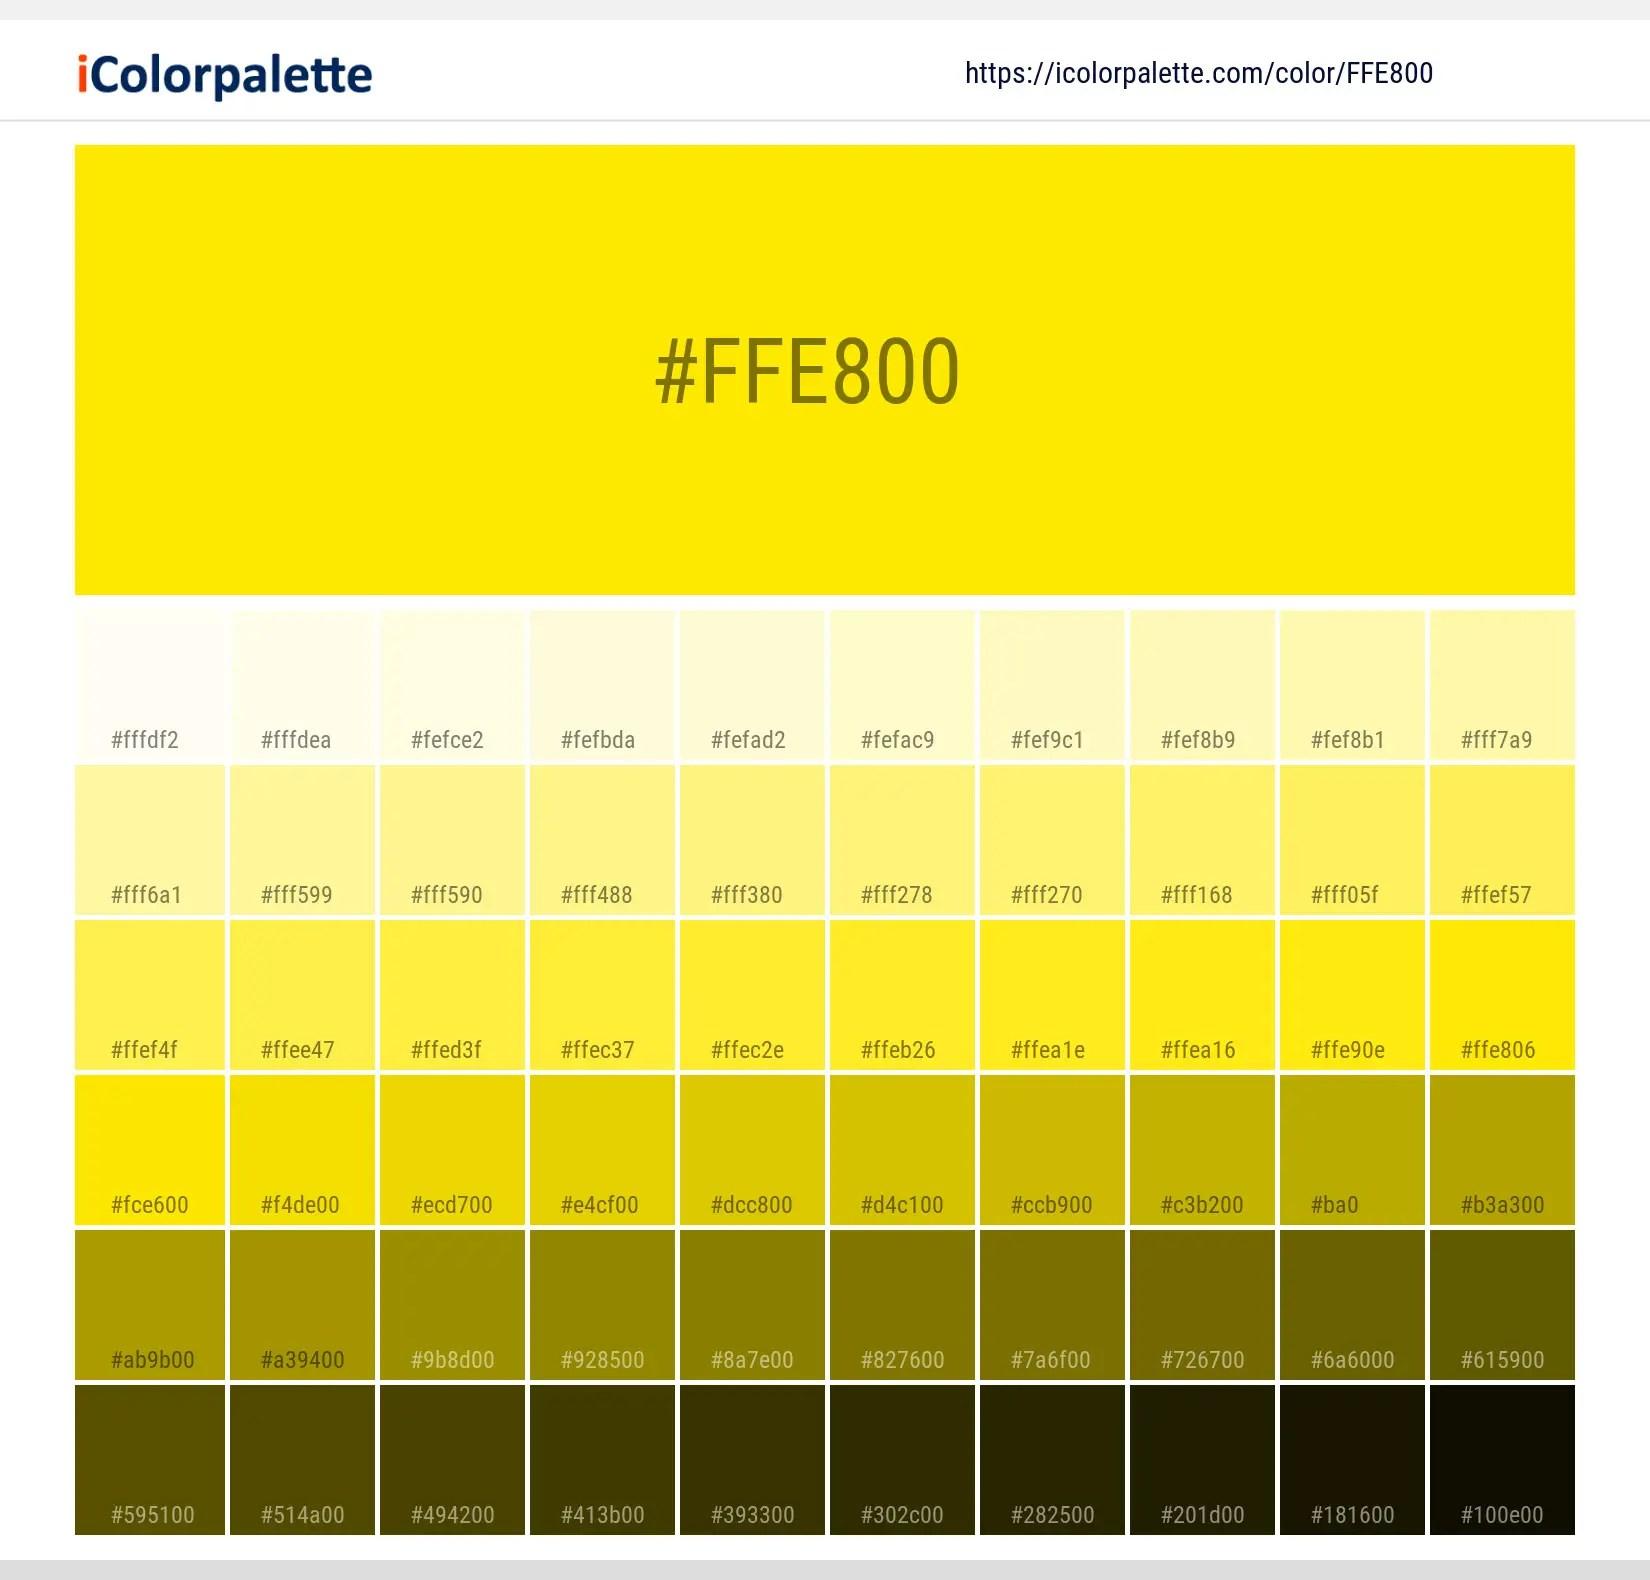 Hex Color Code Ffe800 Pantone Yellow U Color Information Hsl Rgb Pantone